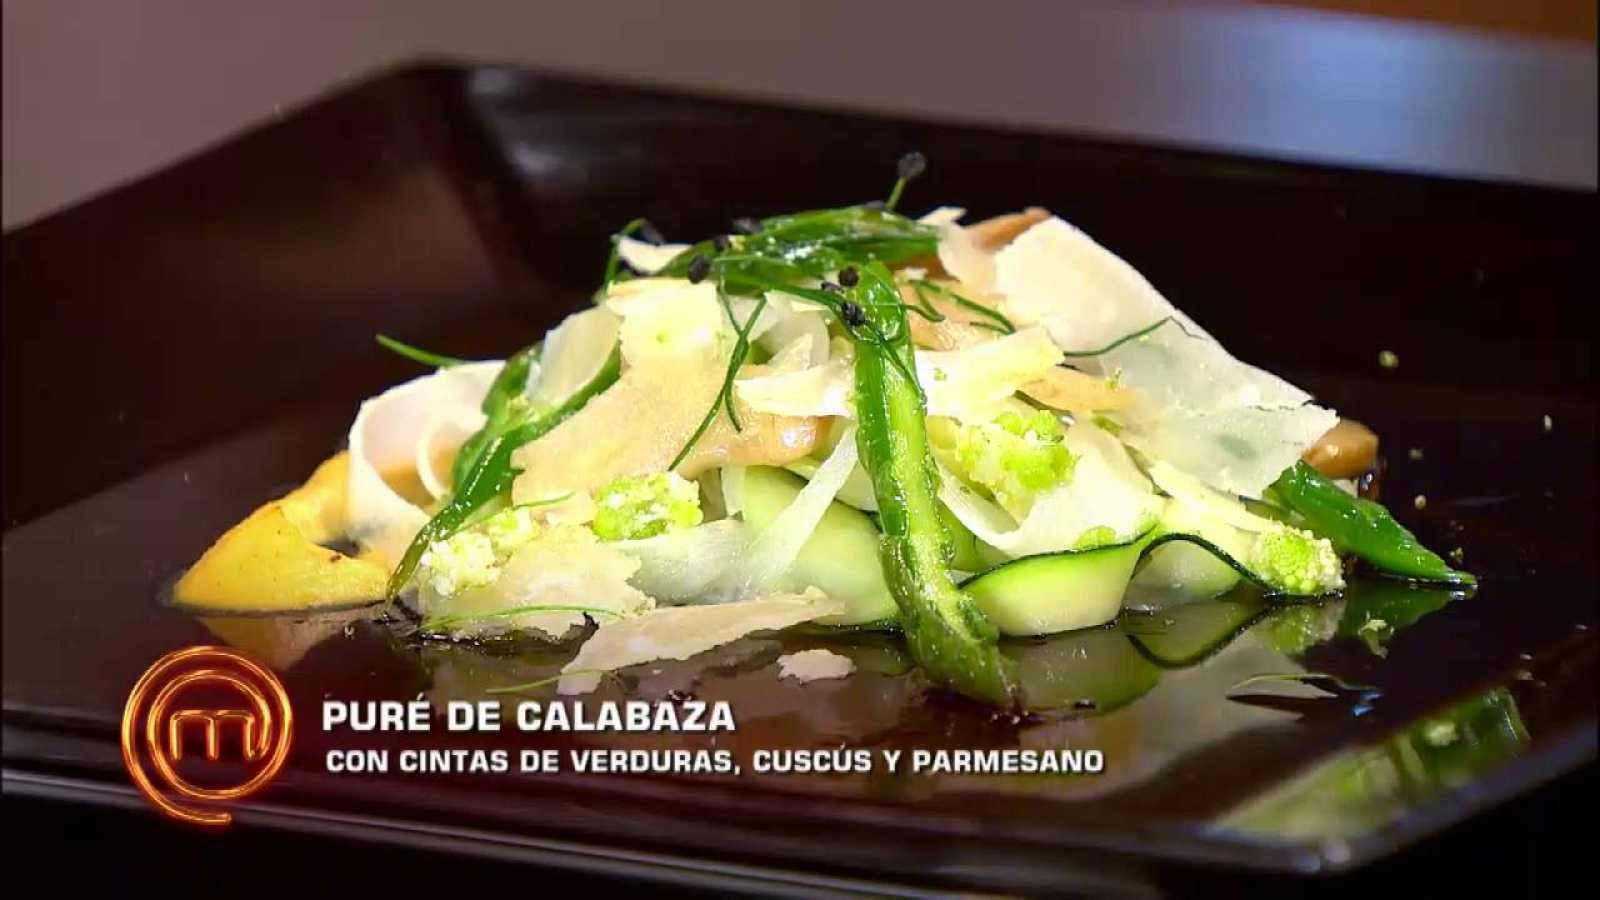 Puré de calabaza con cintas de verdura, cucús y parmesano